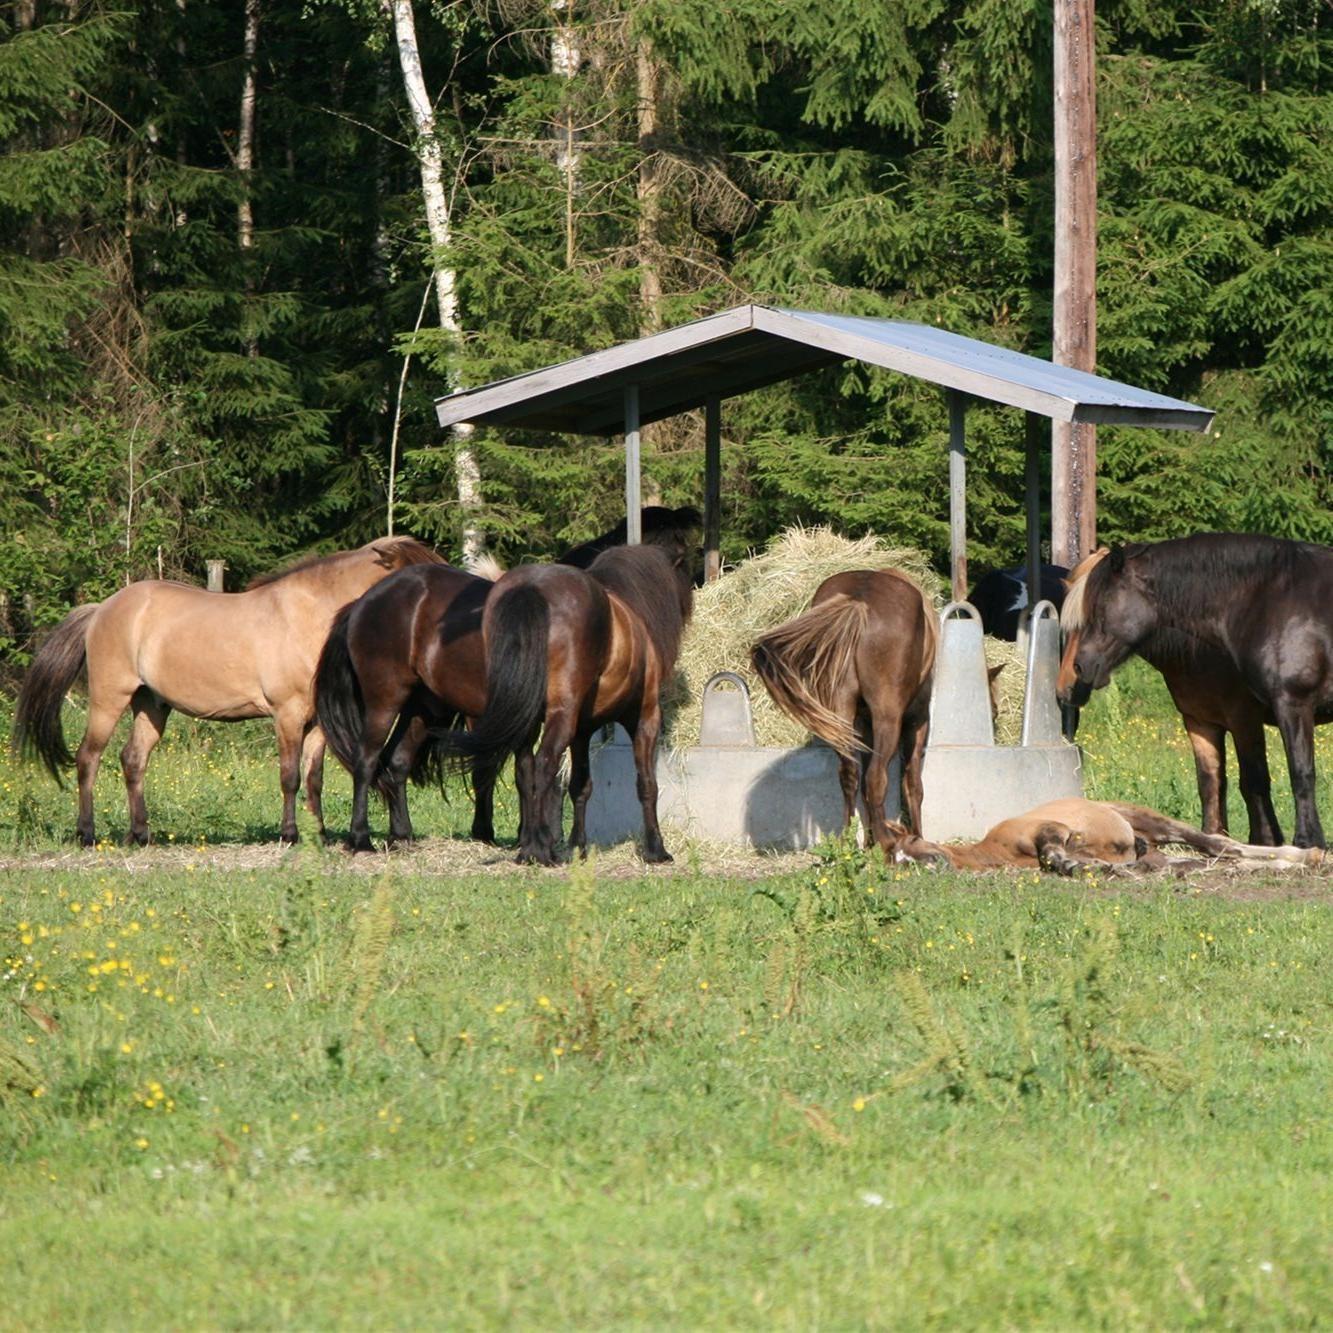 foto: Pia Wallner, Turridning på islandshästar i Ingevallsbo